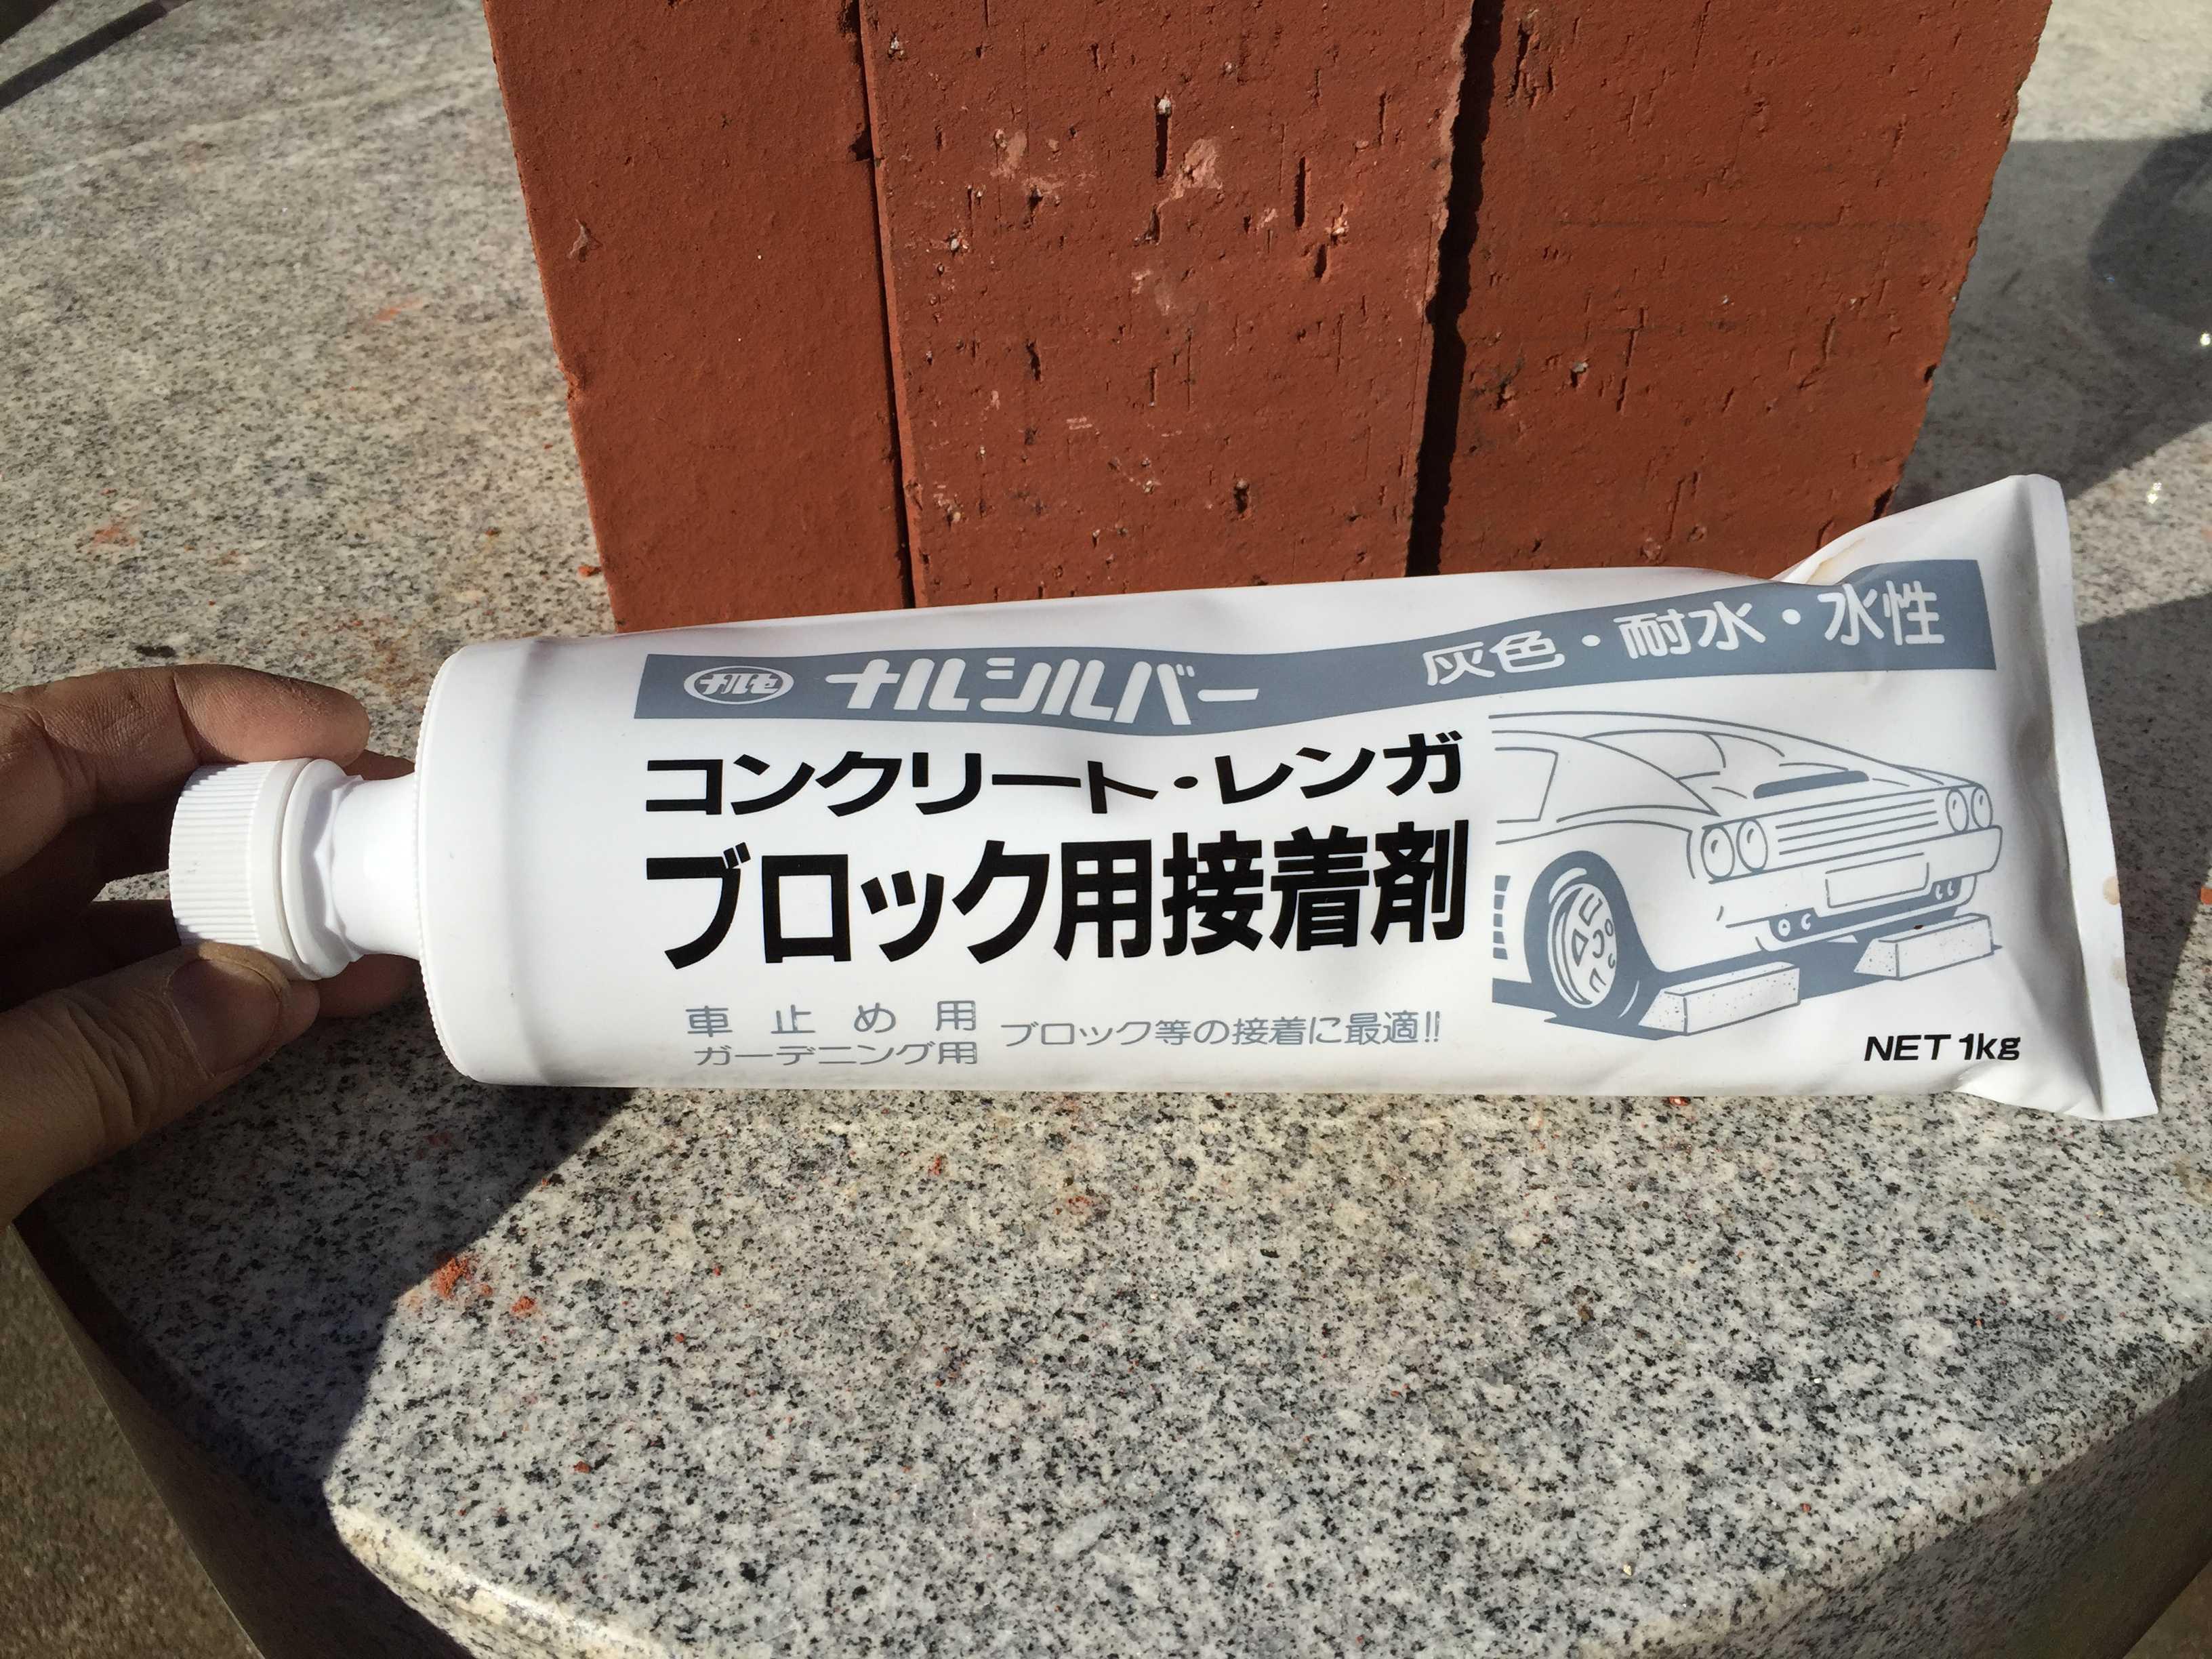 ナルシルバー(コンクリート・レンガ ブロック用接着剤)